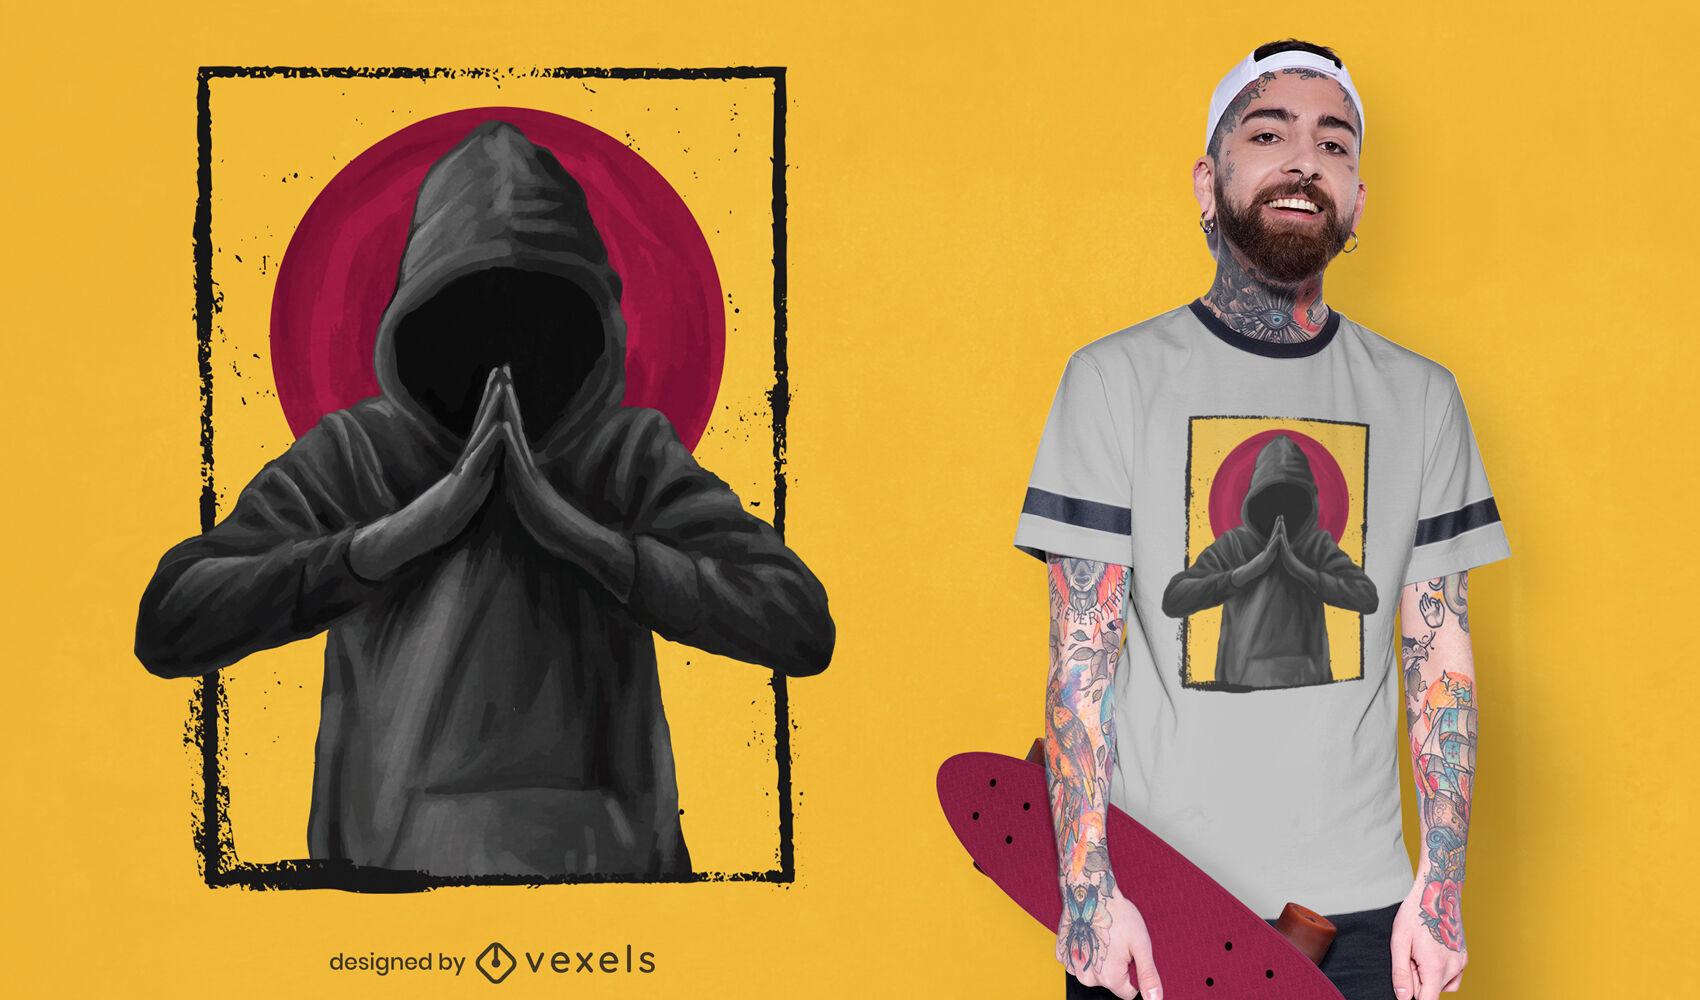 Hombre rezando en un dise?o de camiseta realista de capucha